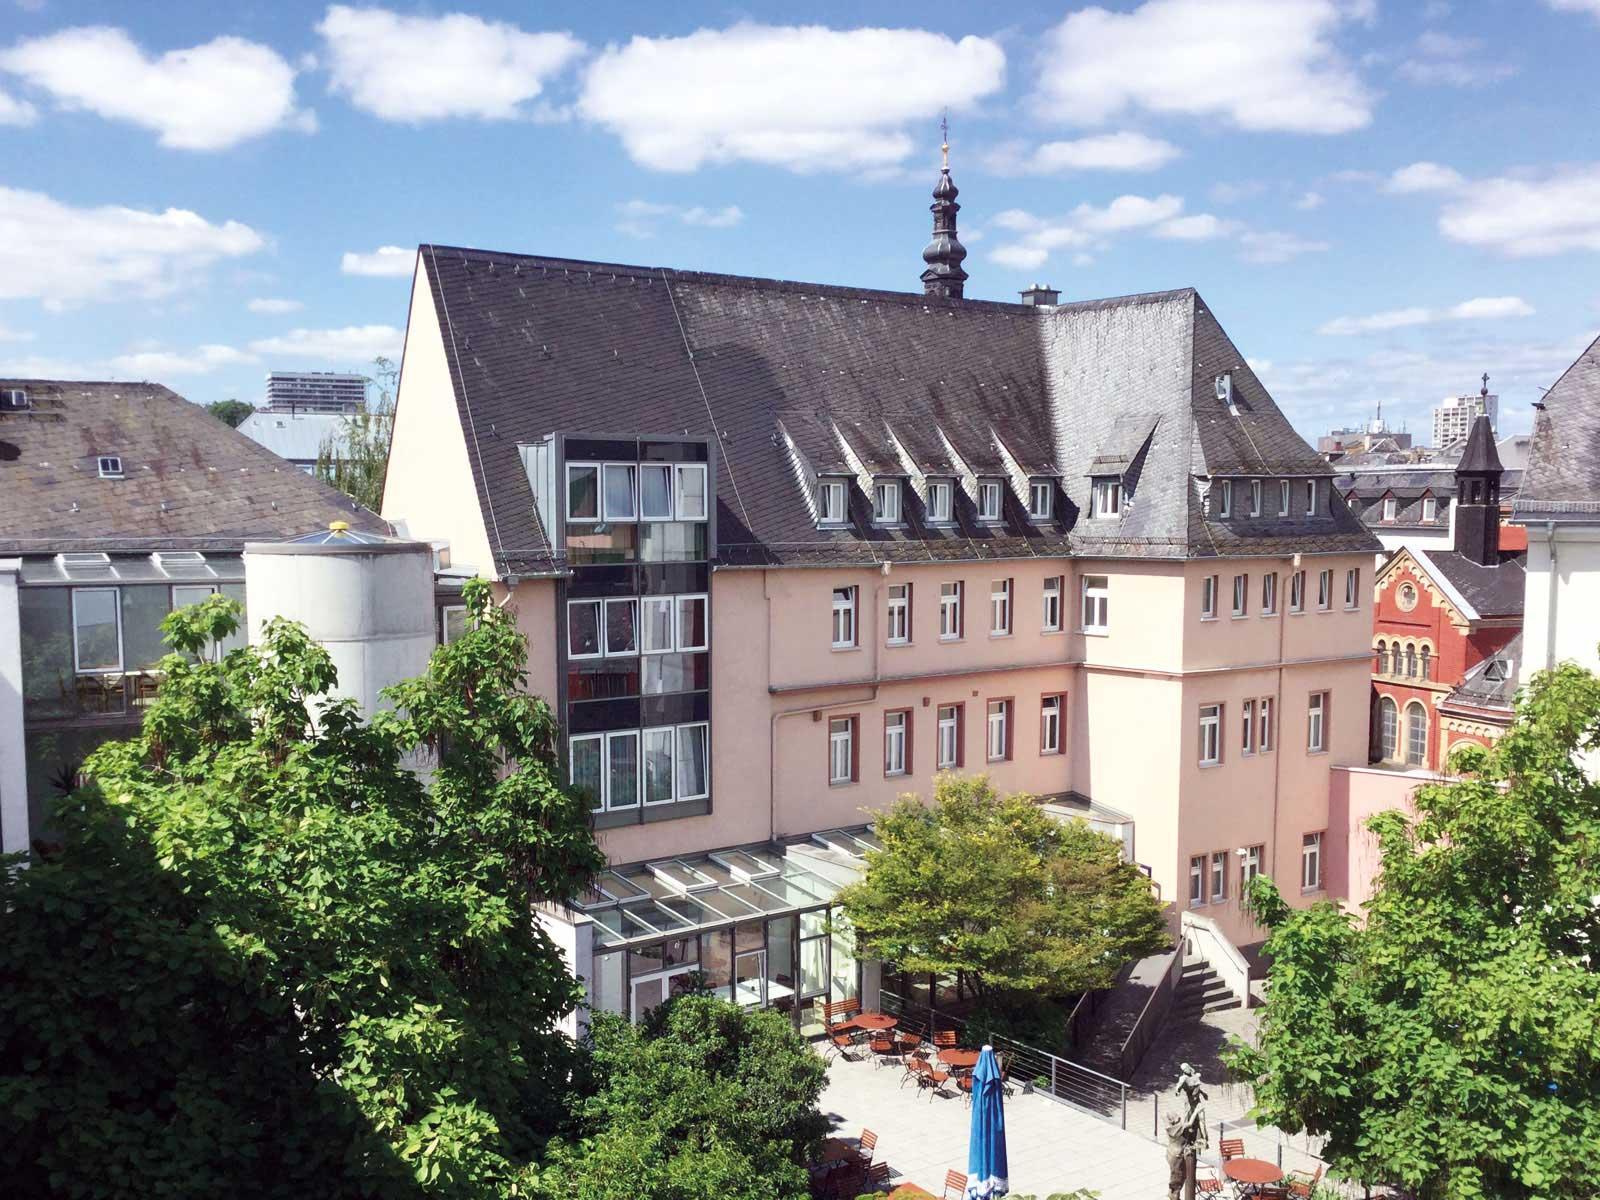 Seniorenzentrum-Bruder-Konrad-Stift-Tagungshaus-Maria-Frieden-2